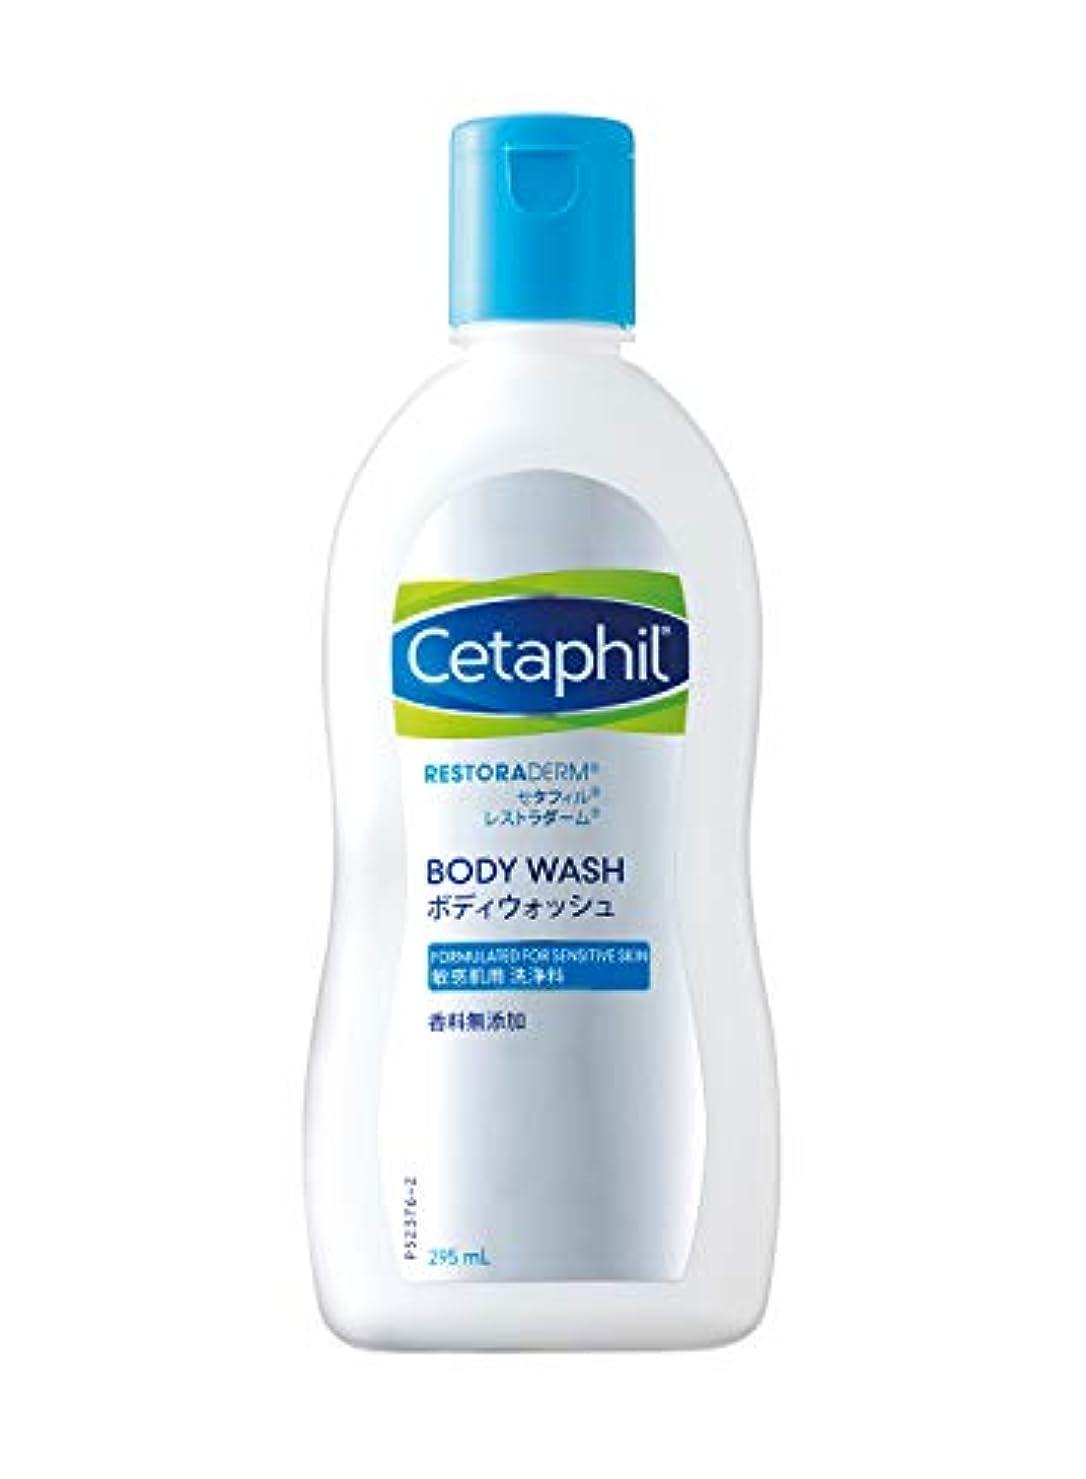 仲良し道徳ギャラリーセタフィル Cetaphil ® レストラダーム ボディウォッシュ 295ml (敏感肌用洗浄料 ボディソープ 乾燥肌 敏感肌 低刺激性 洗浄料)